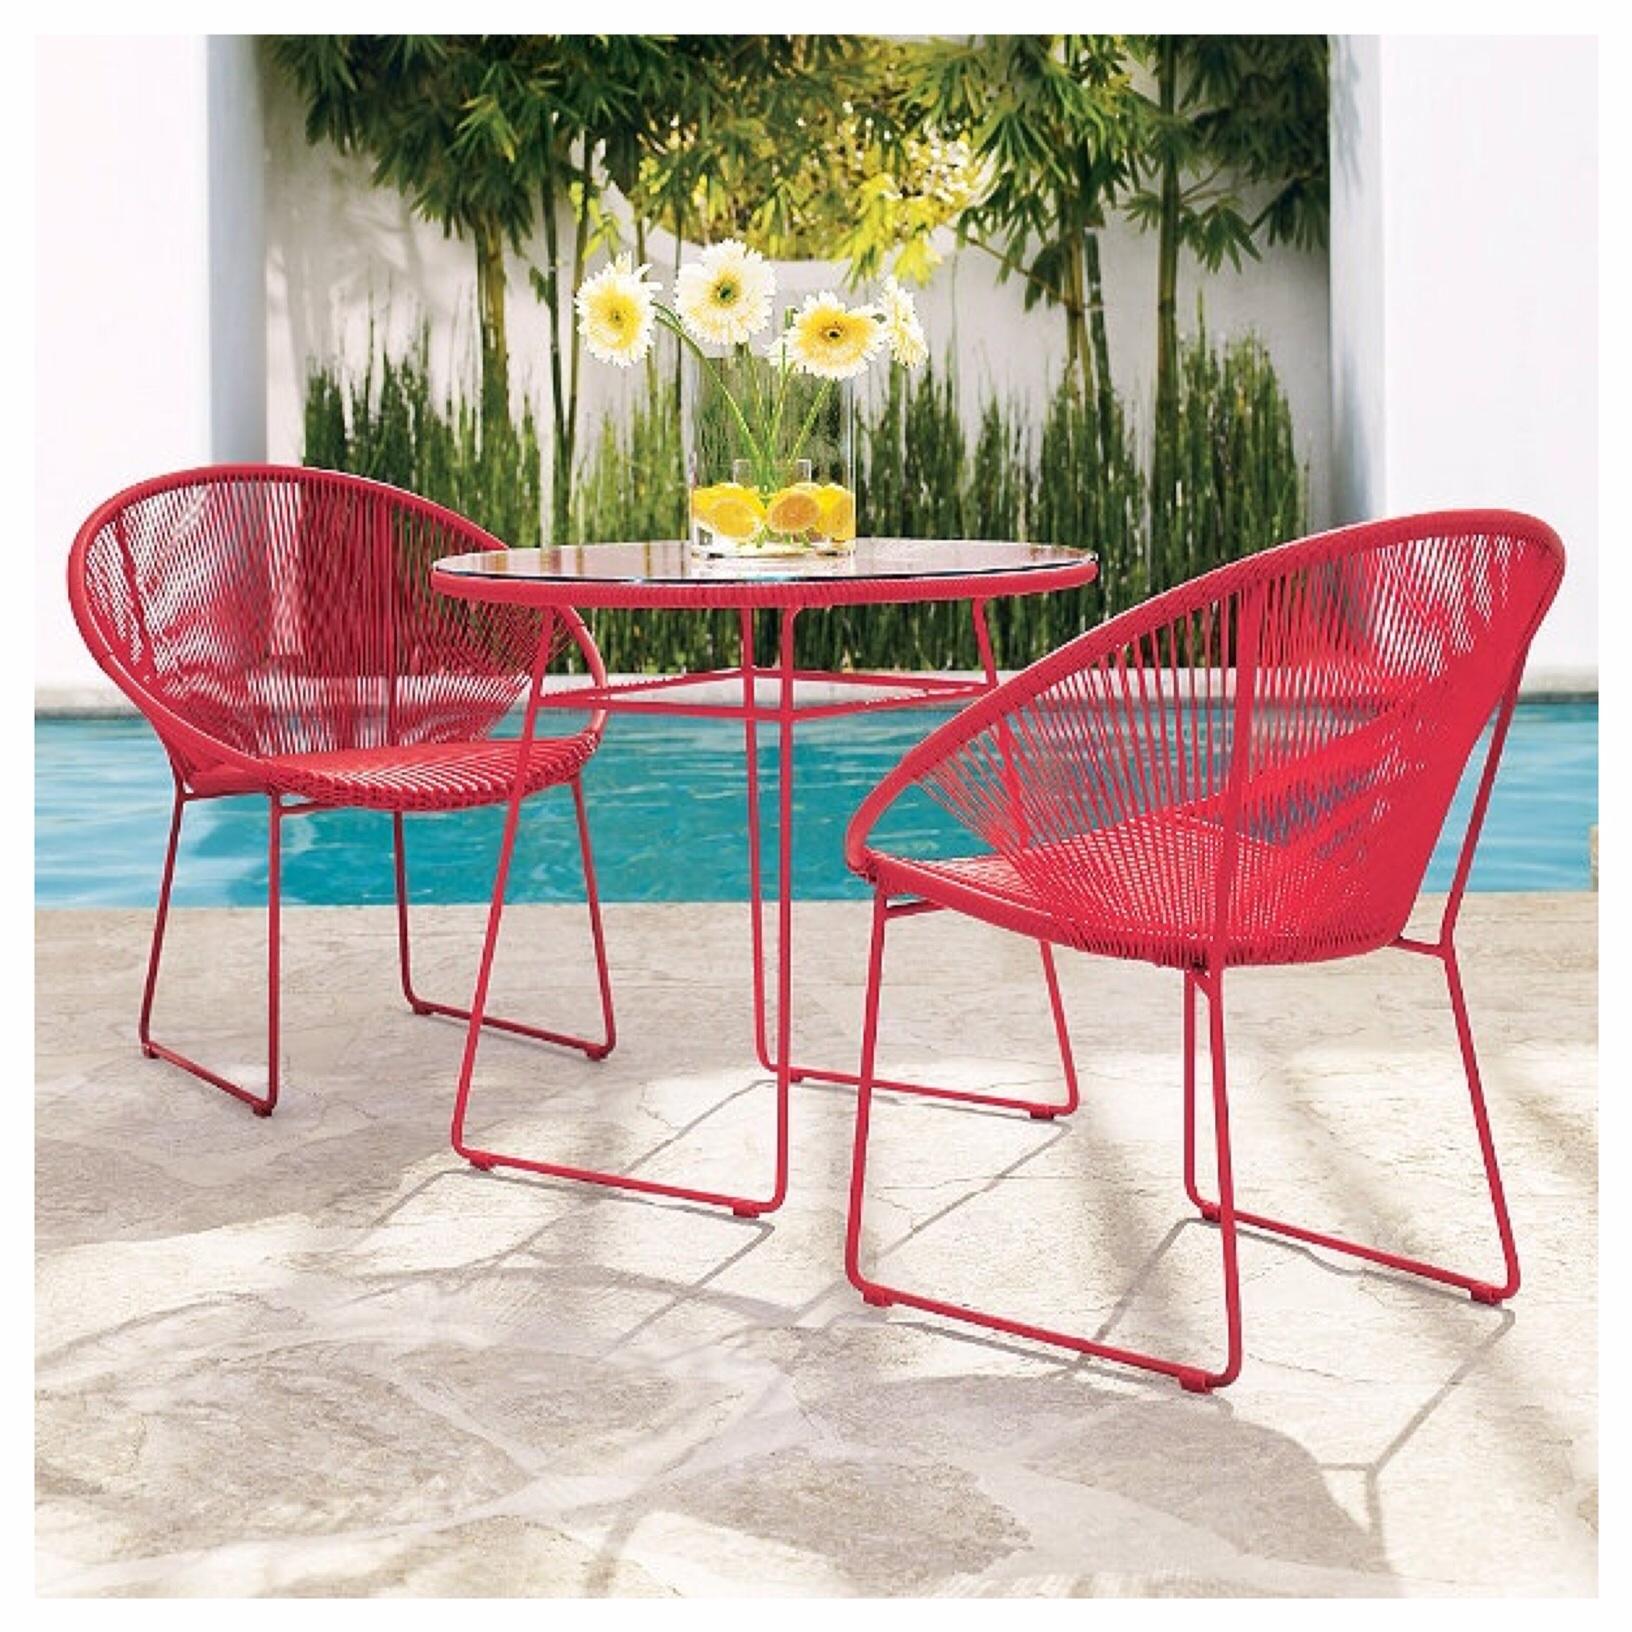 Shopping guide muebles para patios y terrazas bujaren for Muebles patio